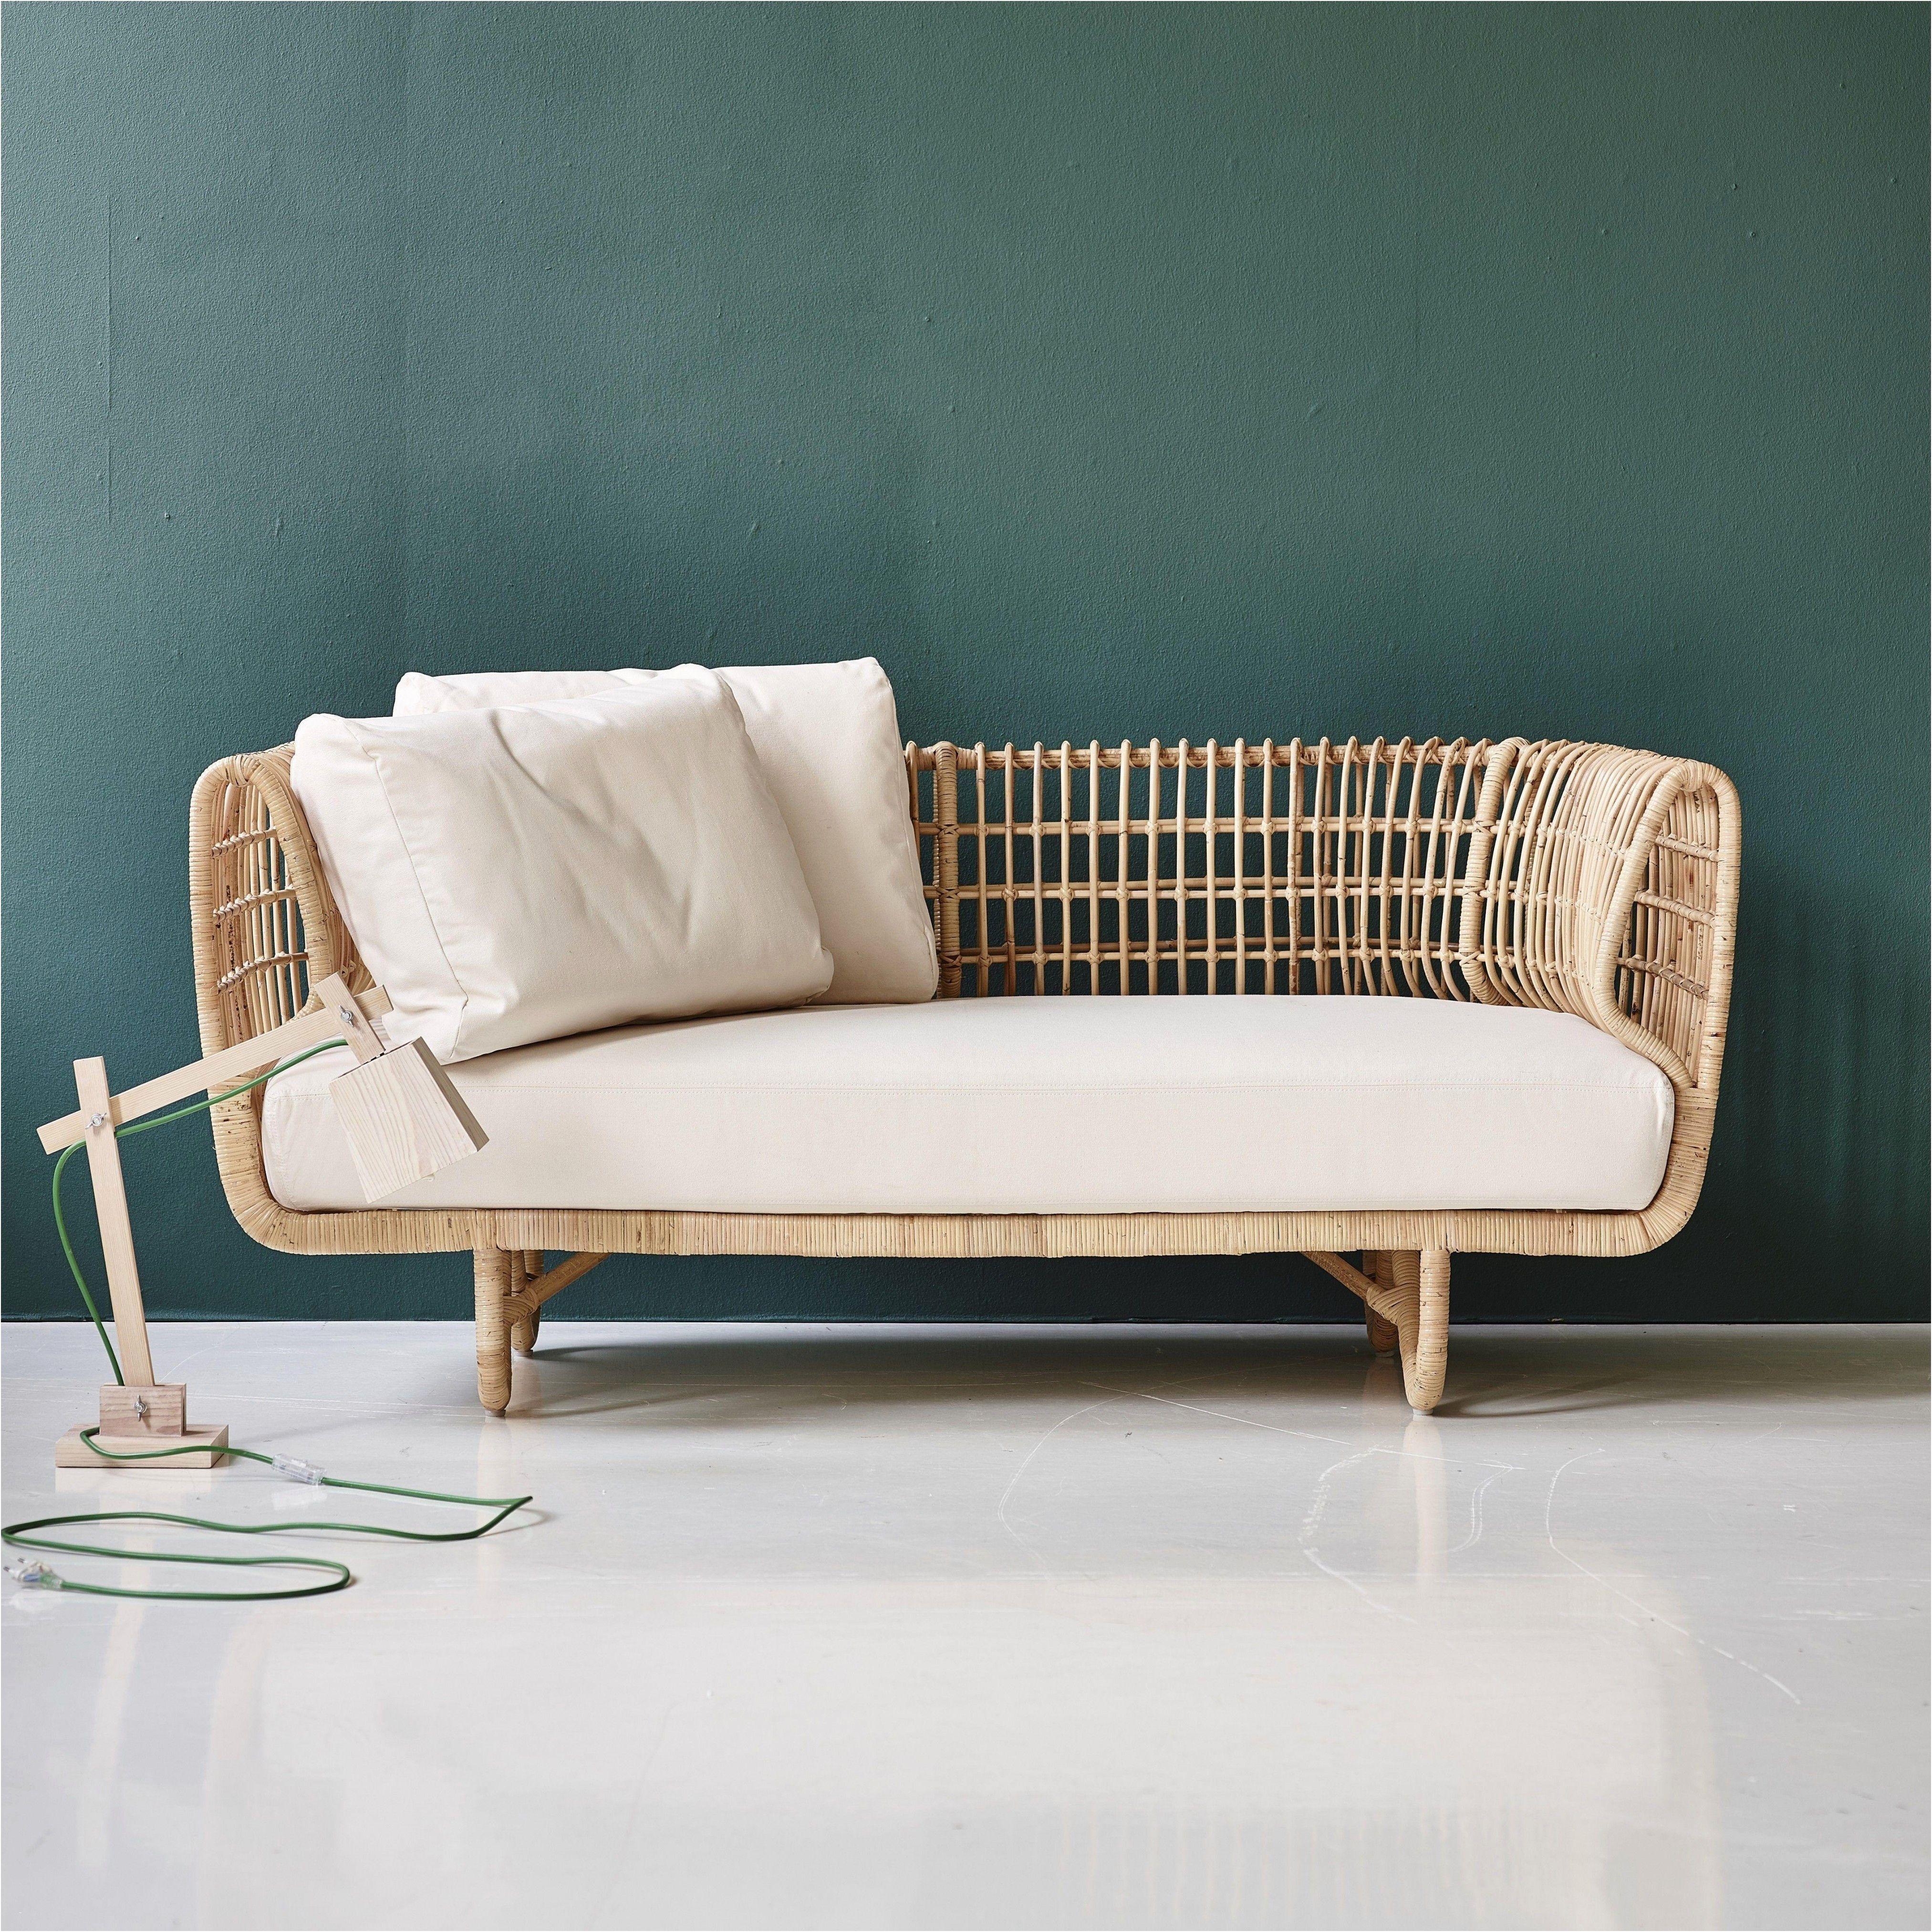 Einfach Polstergarnitur 3 2 1 Mit Relaxfunktion Couch Möbel